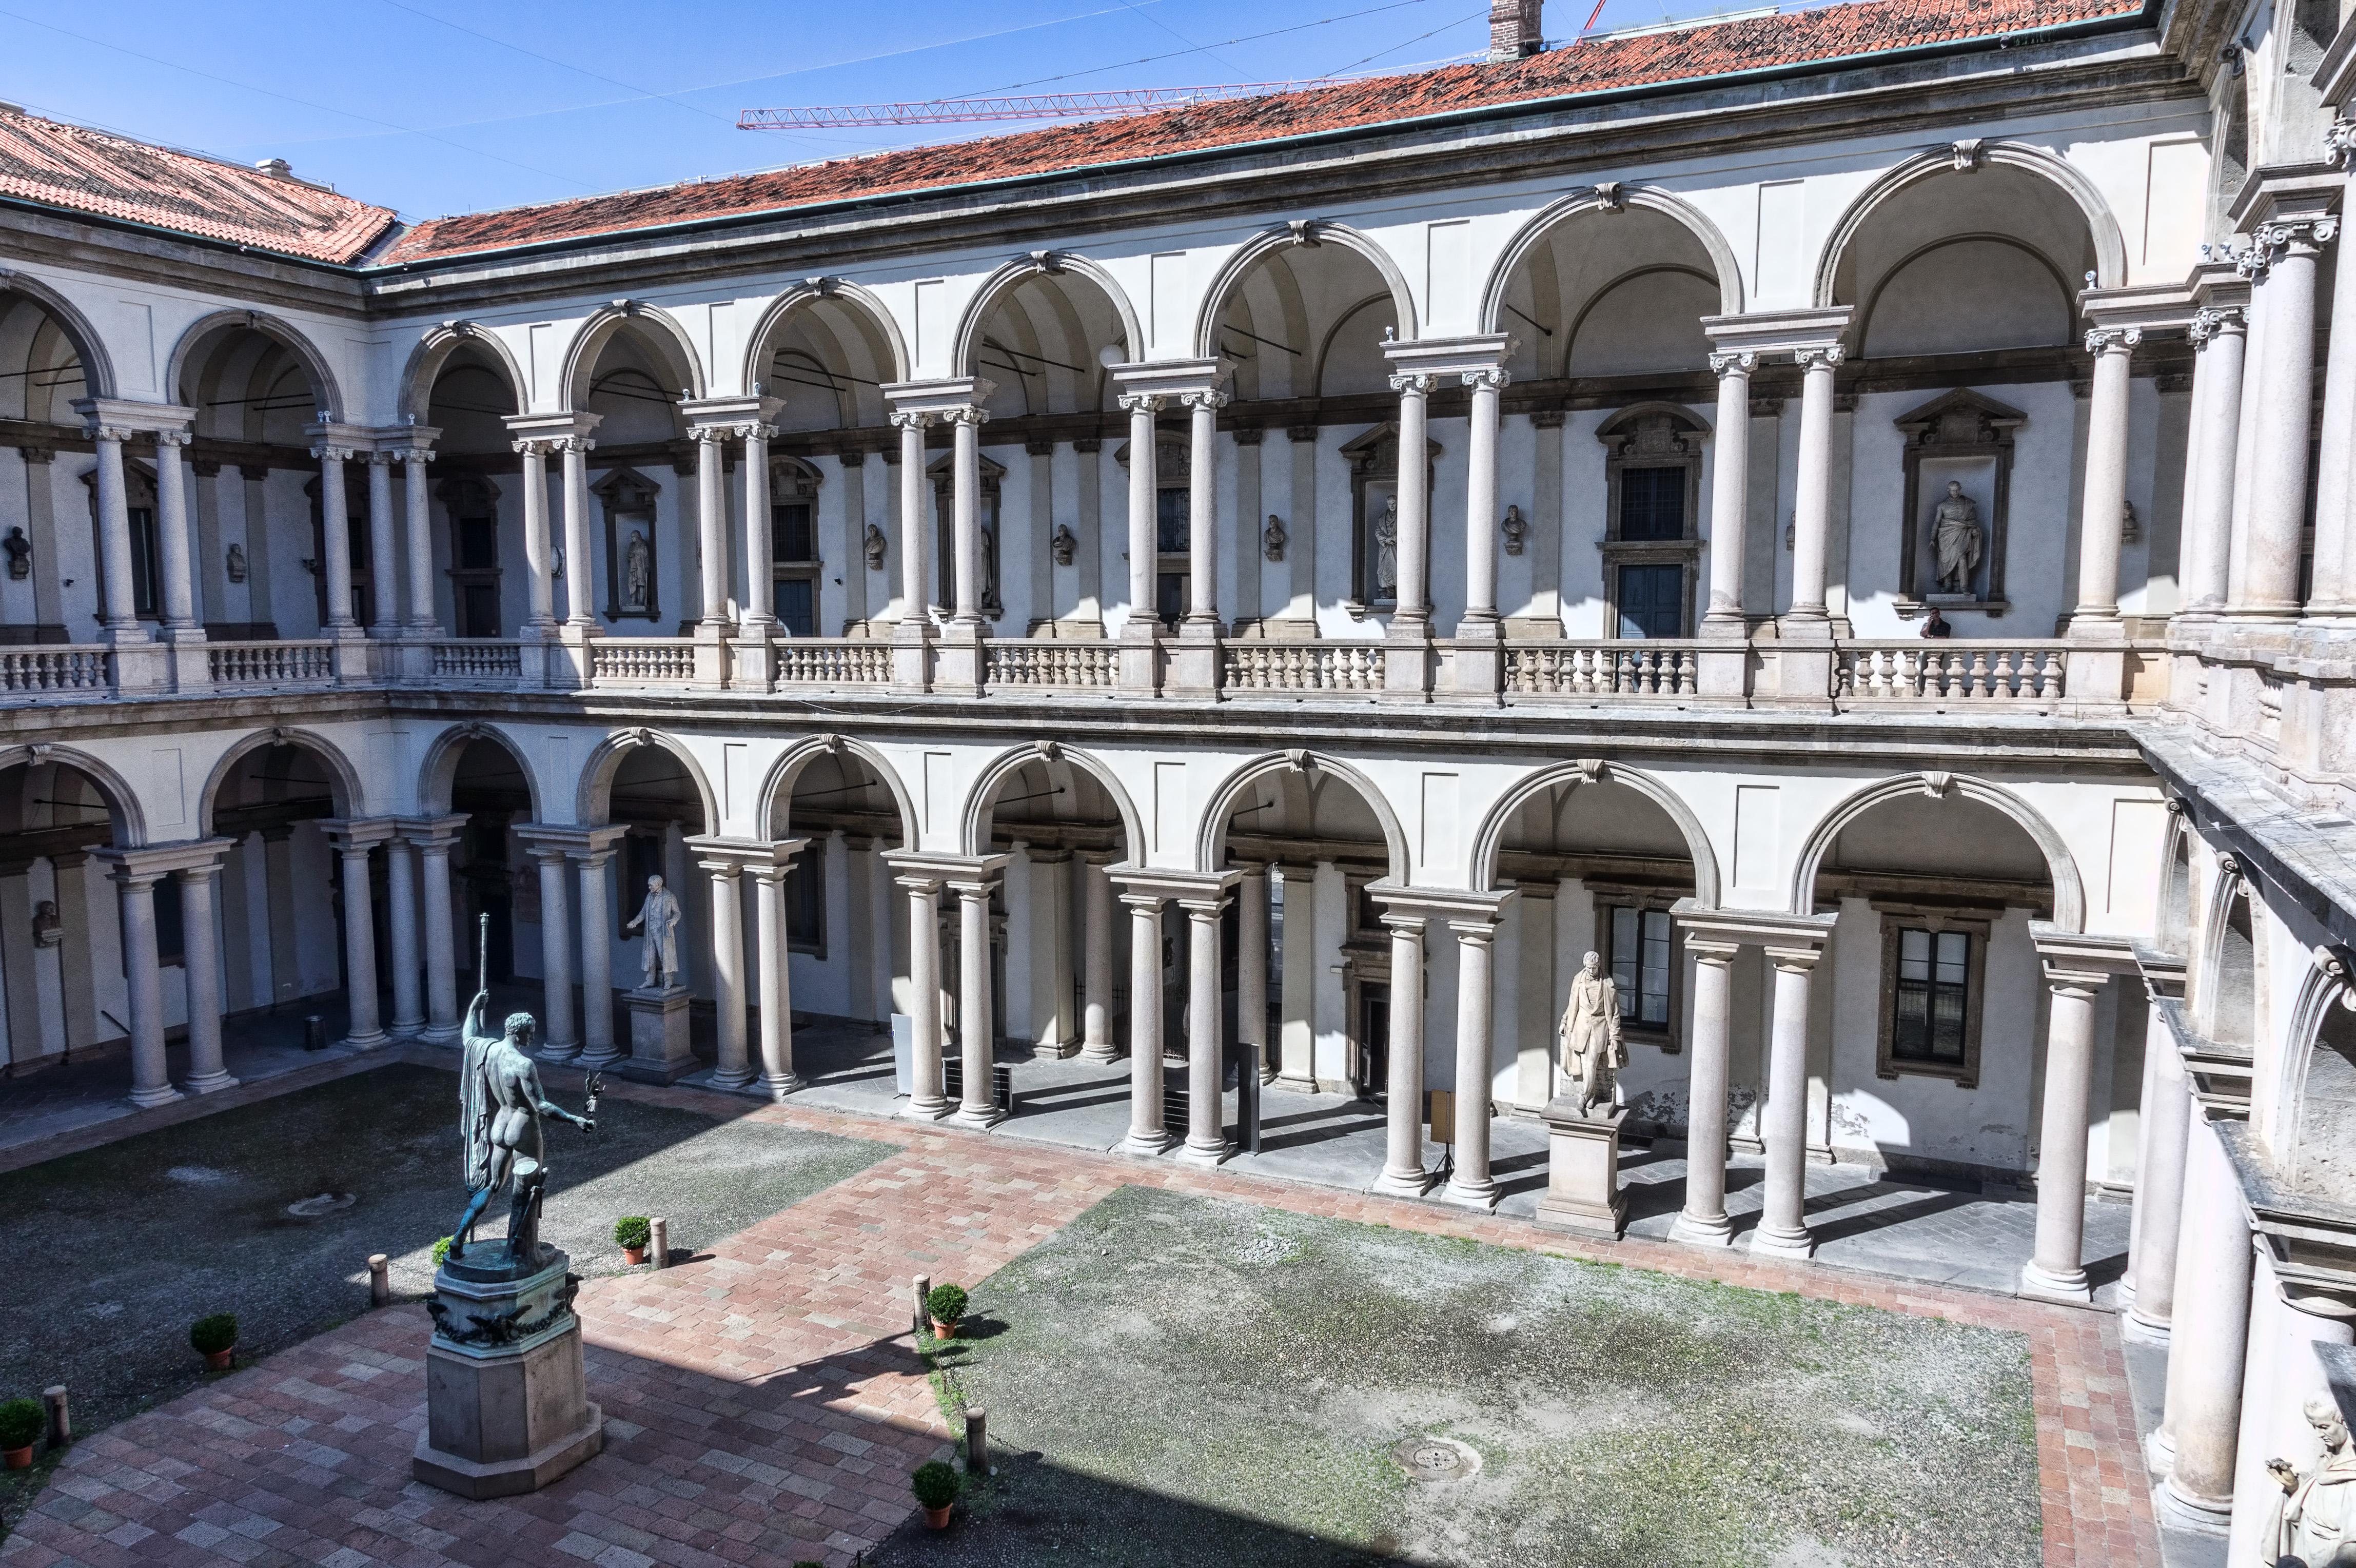 Brera Art Gallery (Milan)